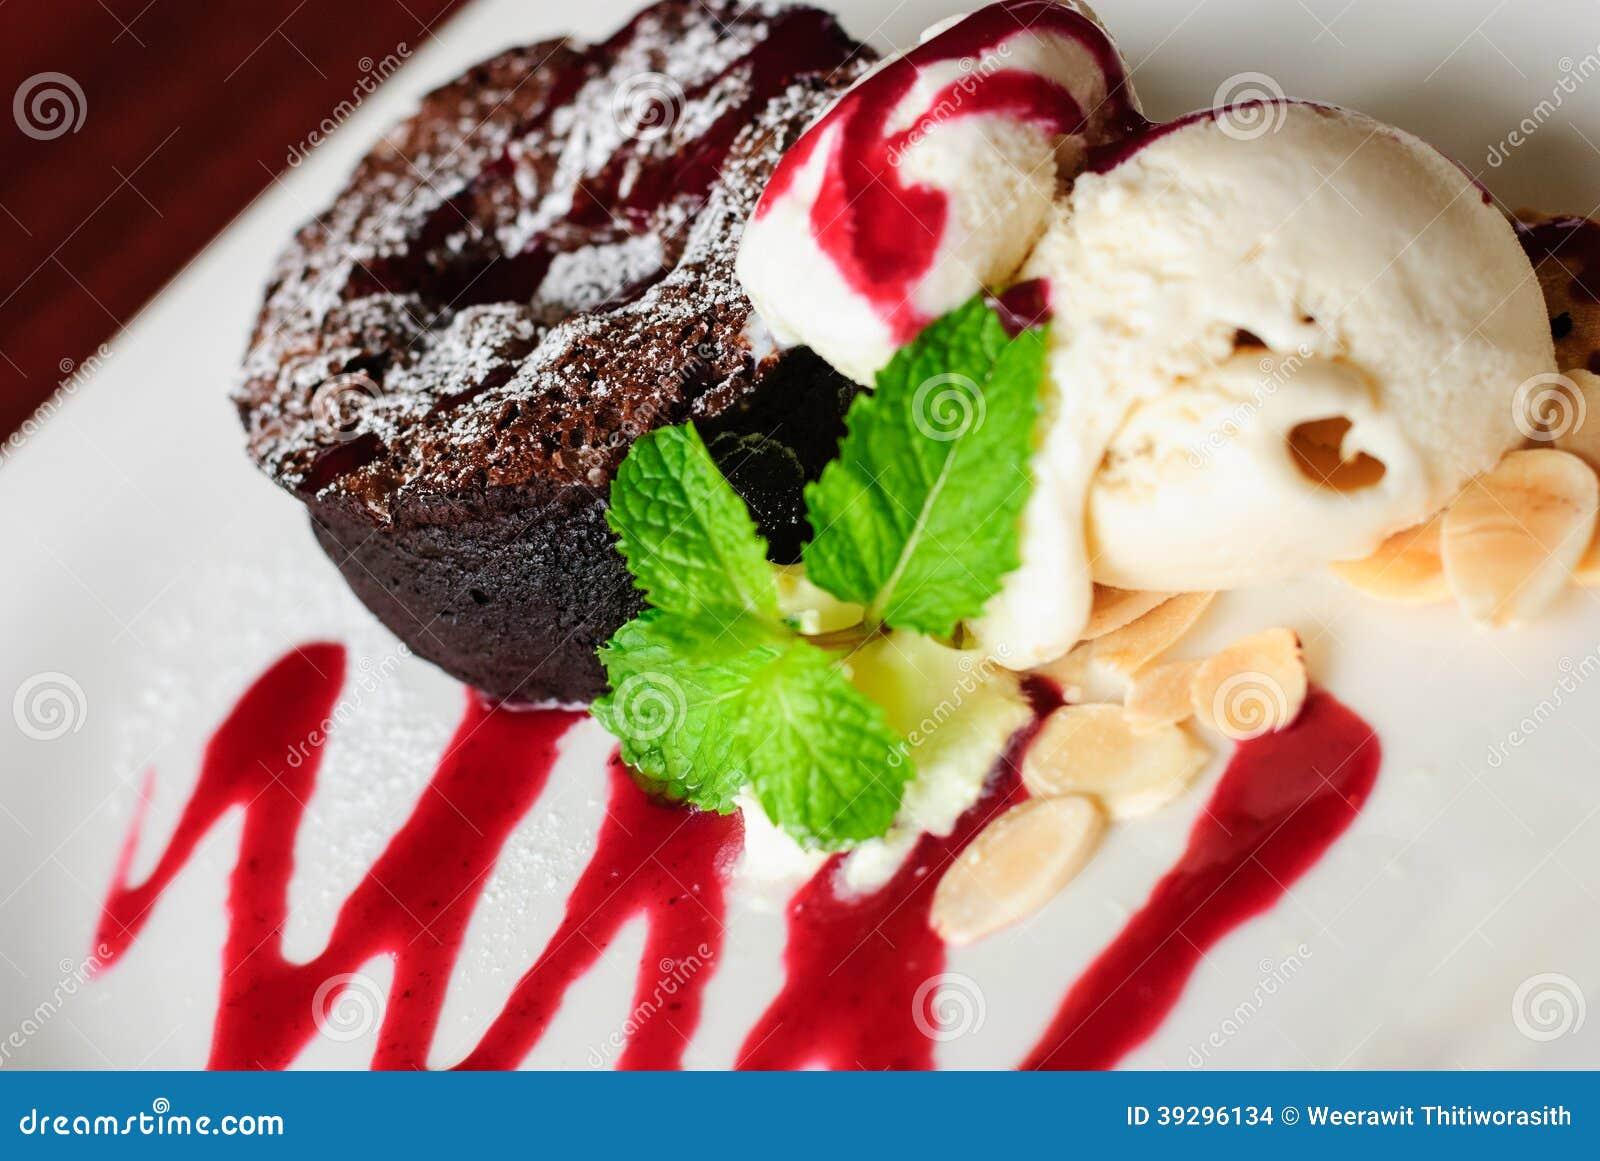 Mörk chokladkaka med Vanila glass